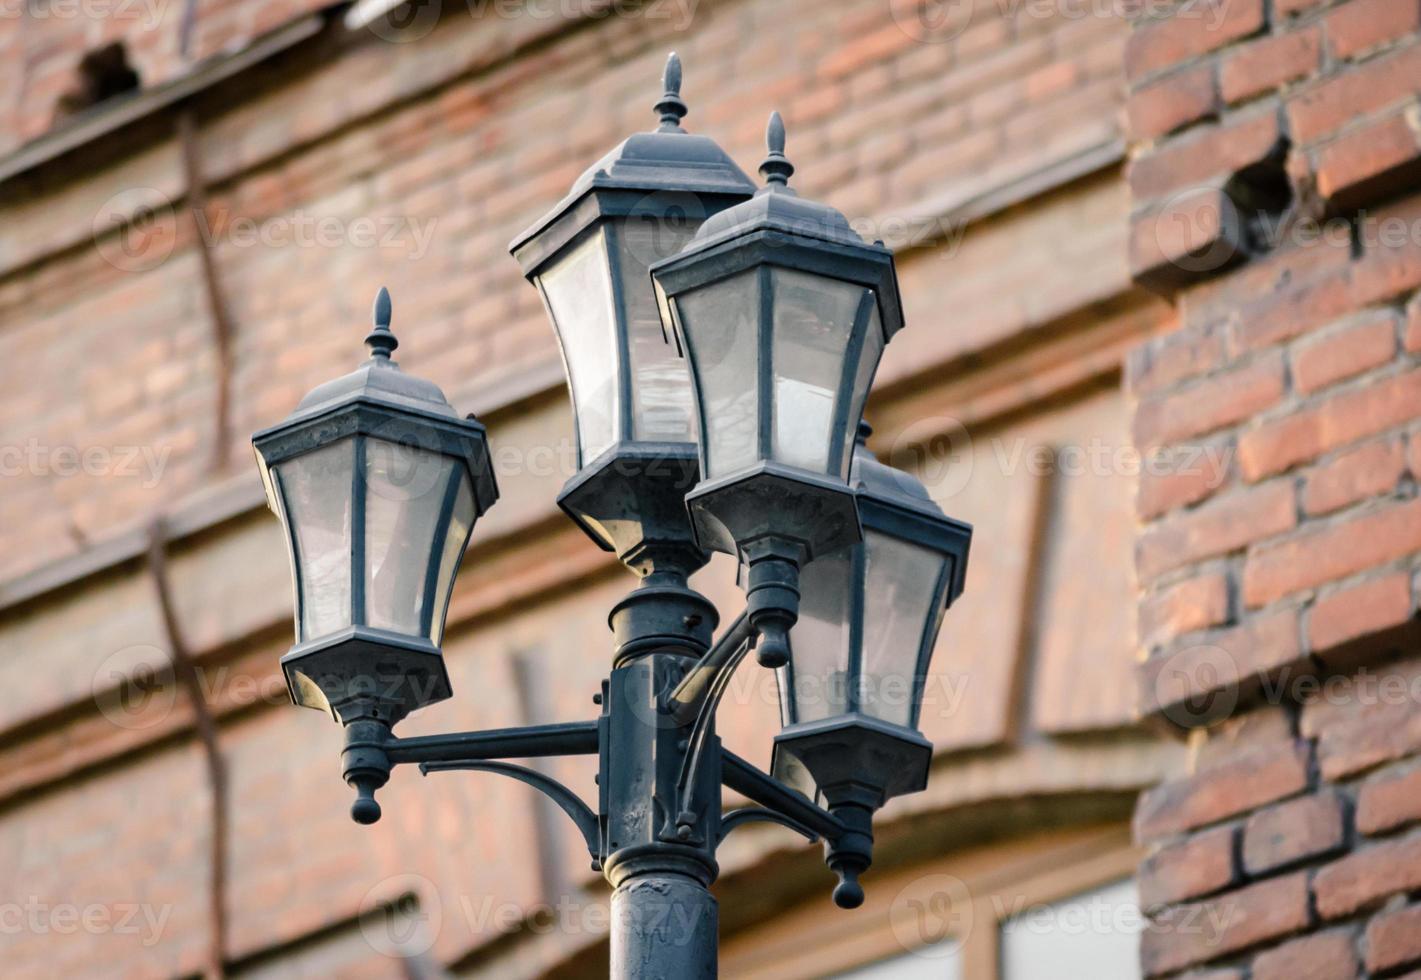 lantaarn tegen een bakstenen muur foto